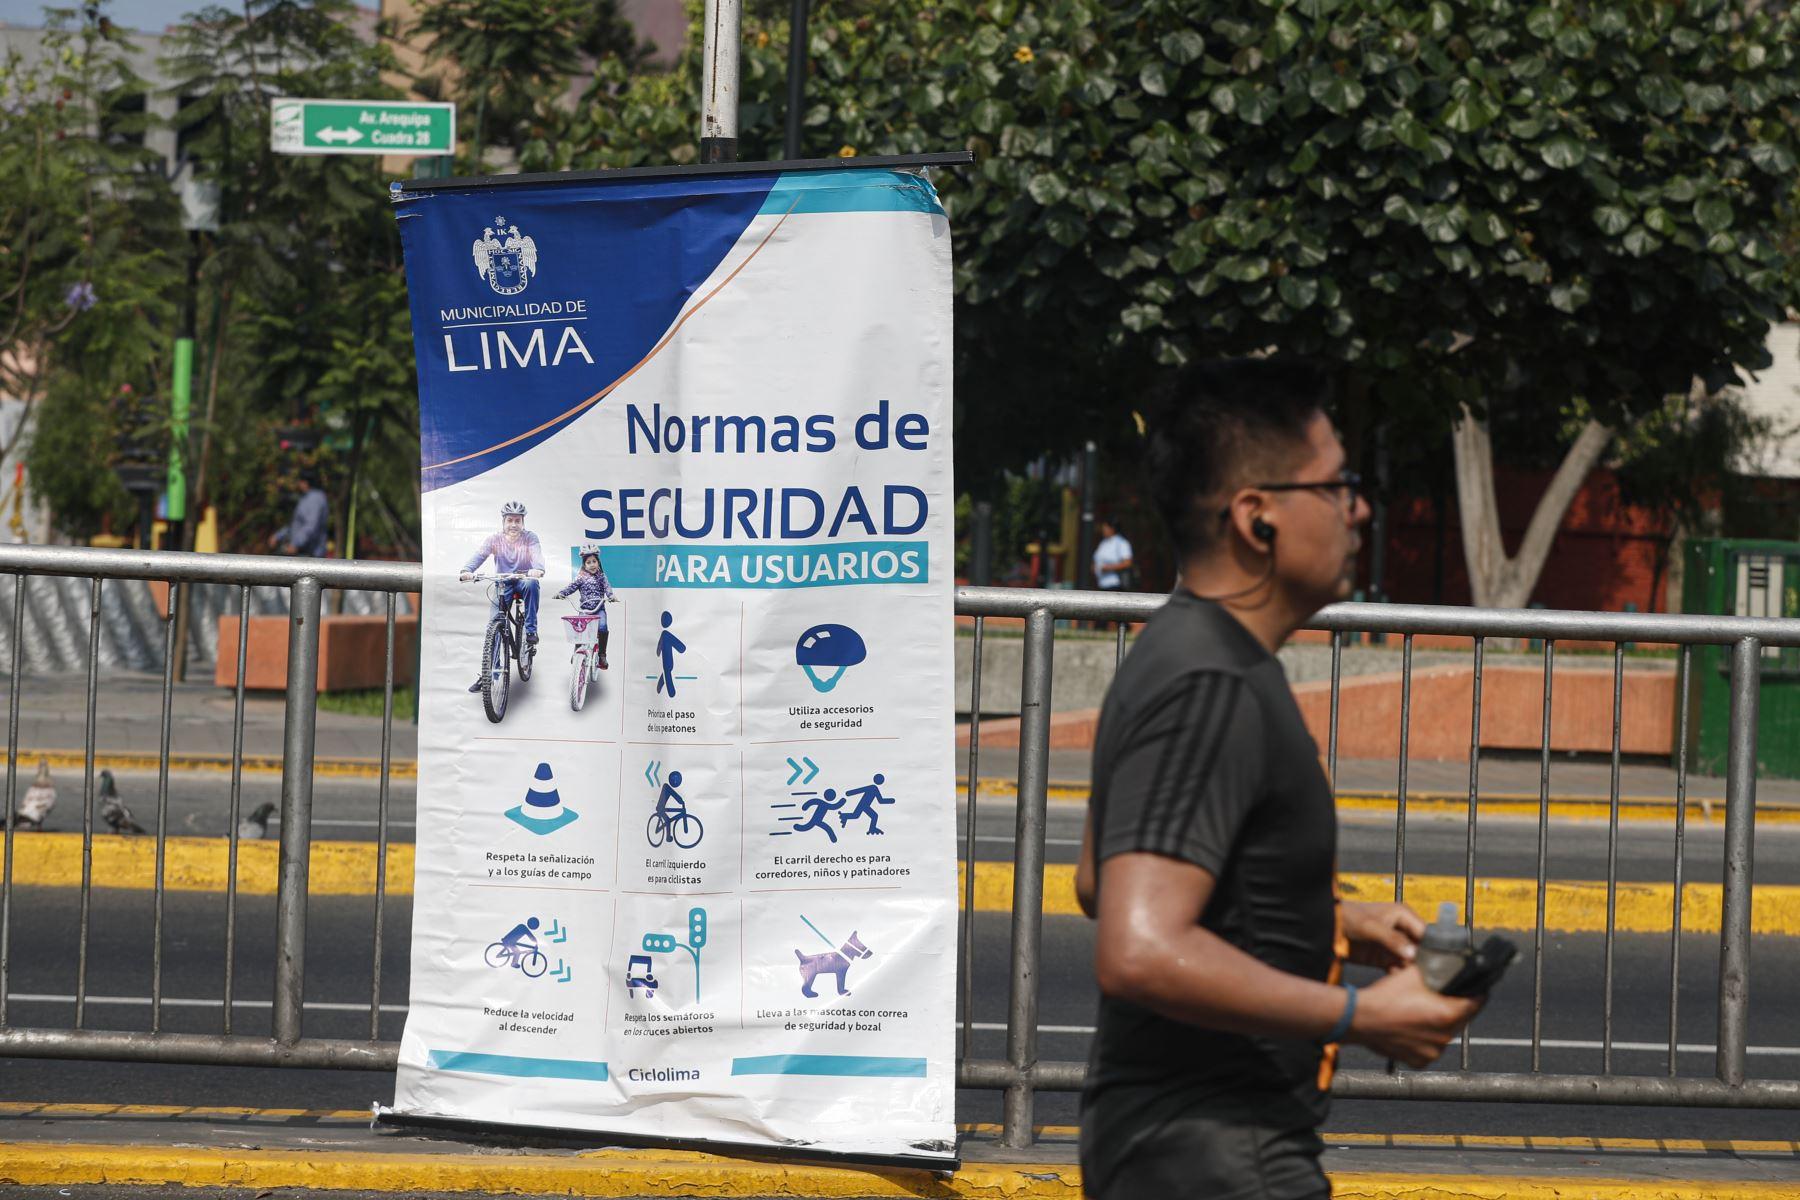 Cientos de ciclistas y corredores de todas las edades disfrutan el cierre del tramo total de la avenida Arequipa este domingo. Foto: ANDINA/Renato Pajuelo